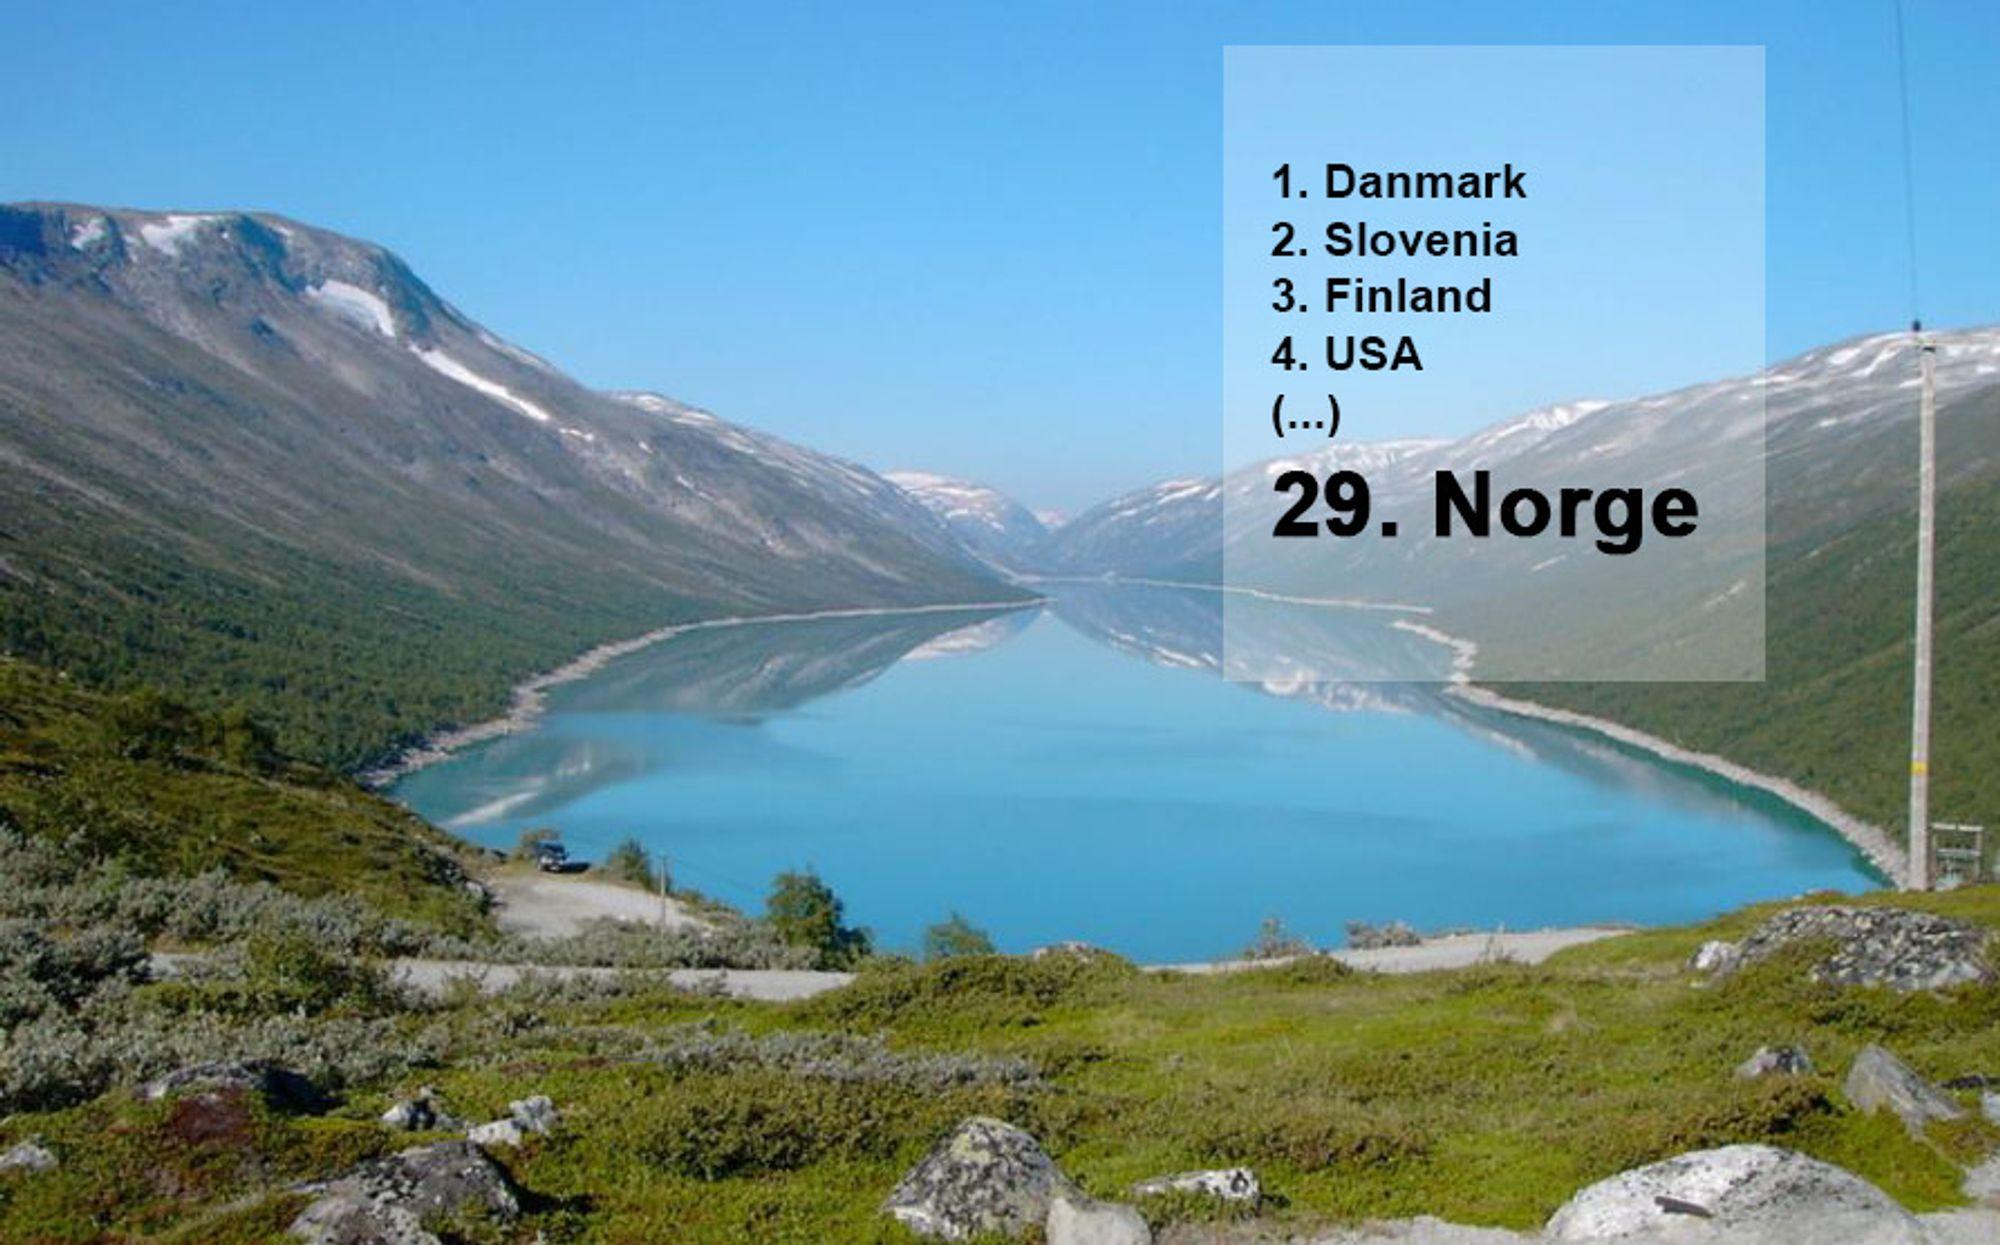 Vannkraft står for rundt 98 prosent av den norske elektrisitetsproduksjonen. Den store vannkraftandelen bekymrer WEC. Bildet viser Øvre Otta vannmagasin.